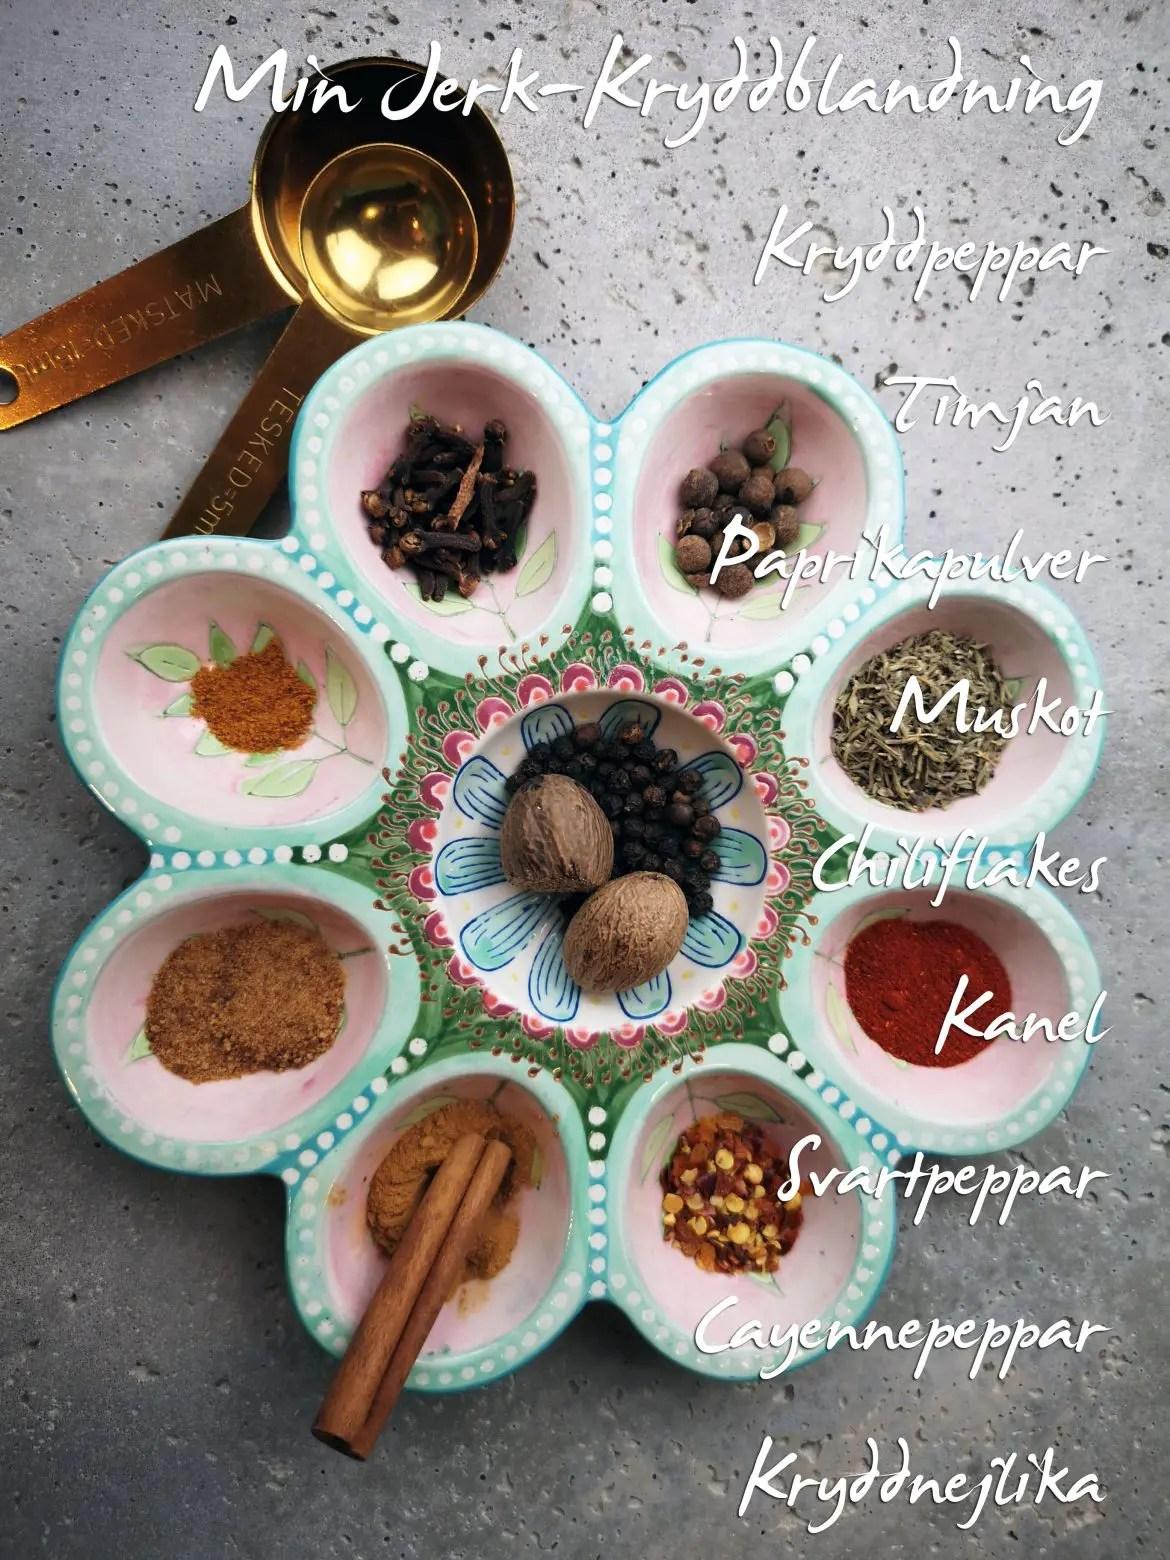 kryddor jerkblandning veckans recept vegetariskt vegansk